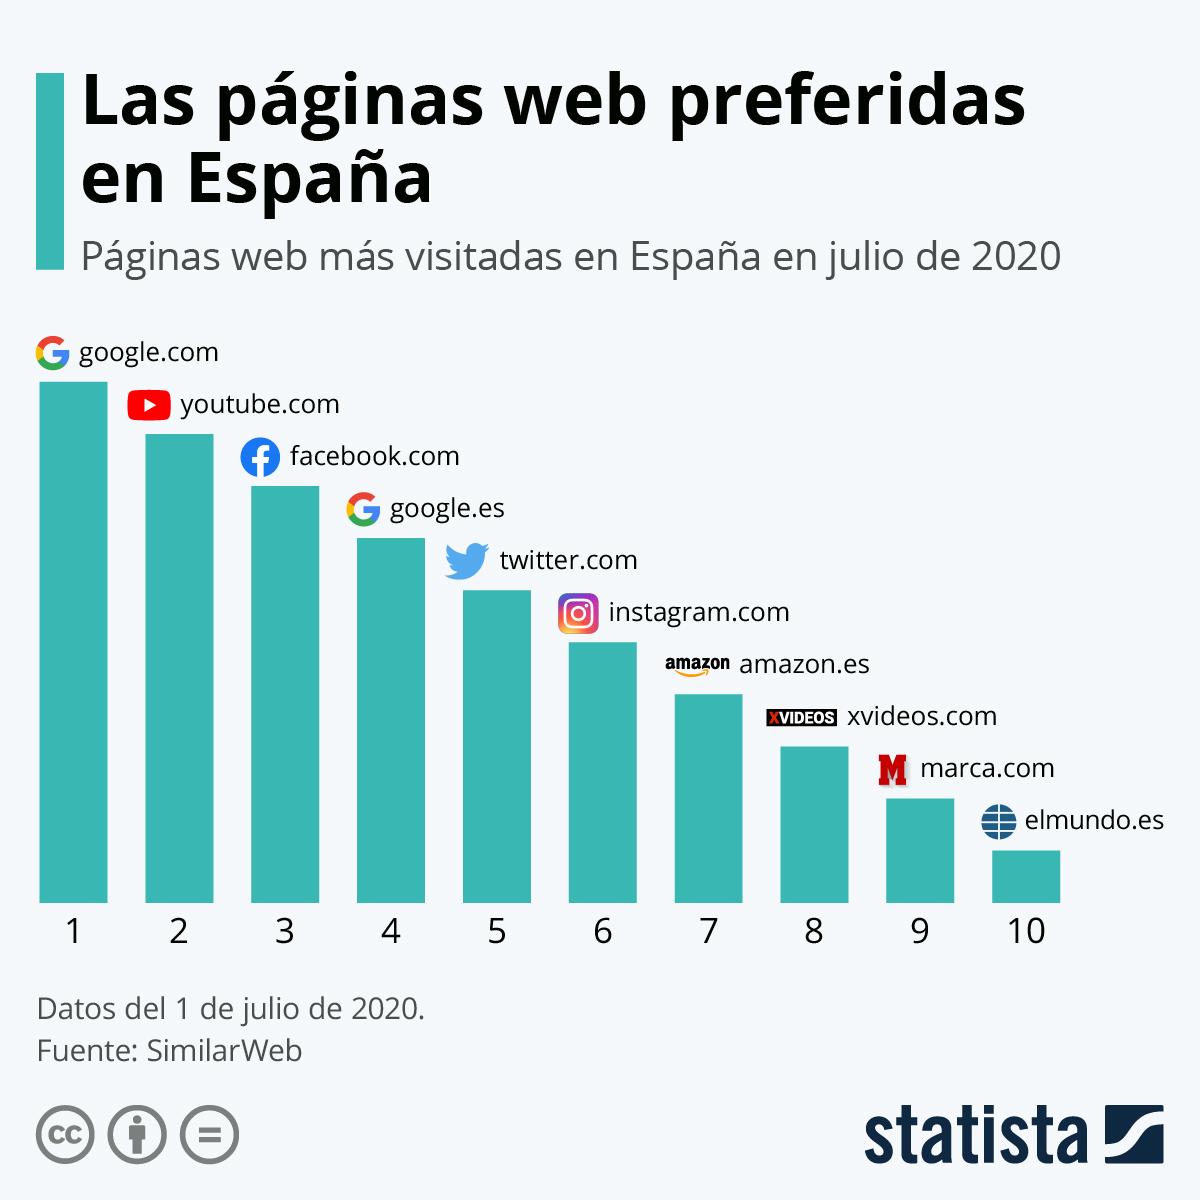 10 webs más visitadas en España #infografia #infographic #internet